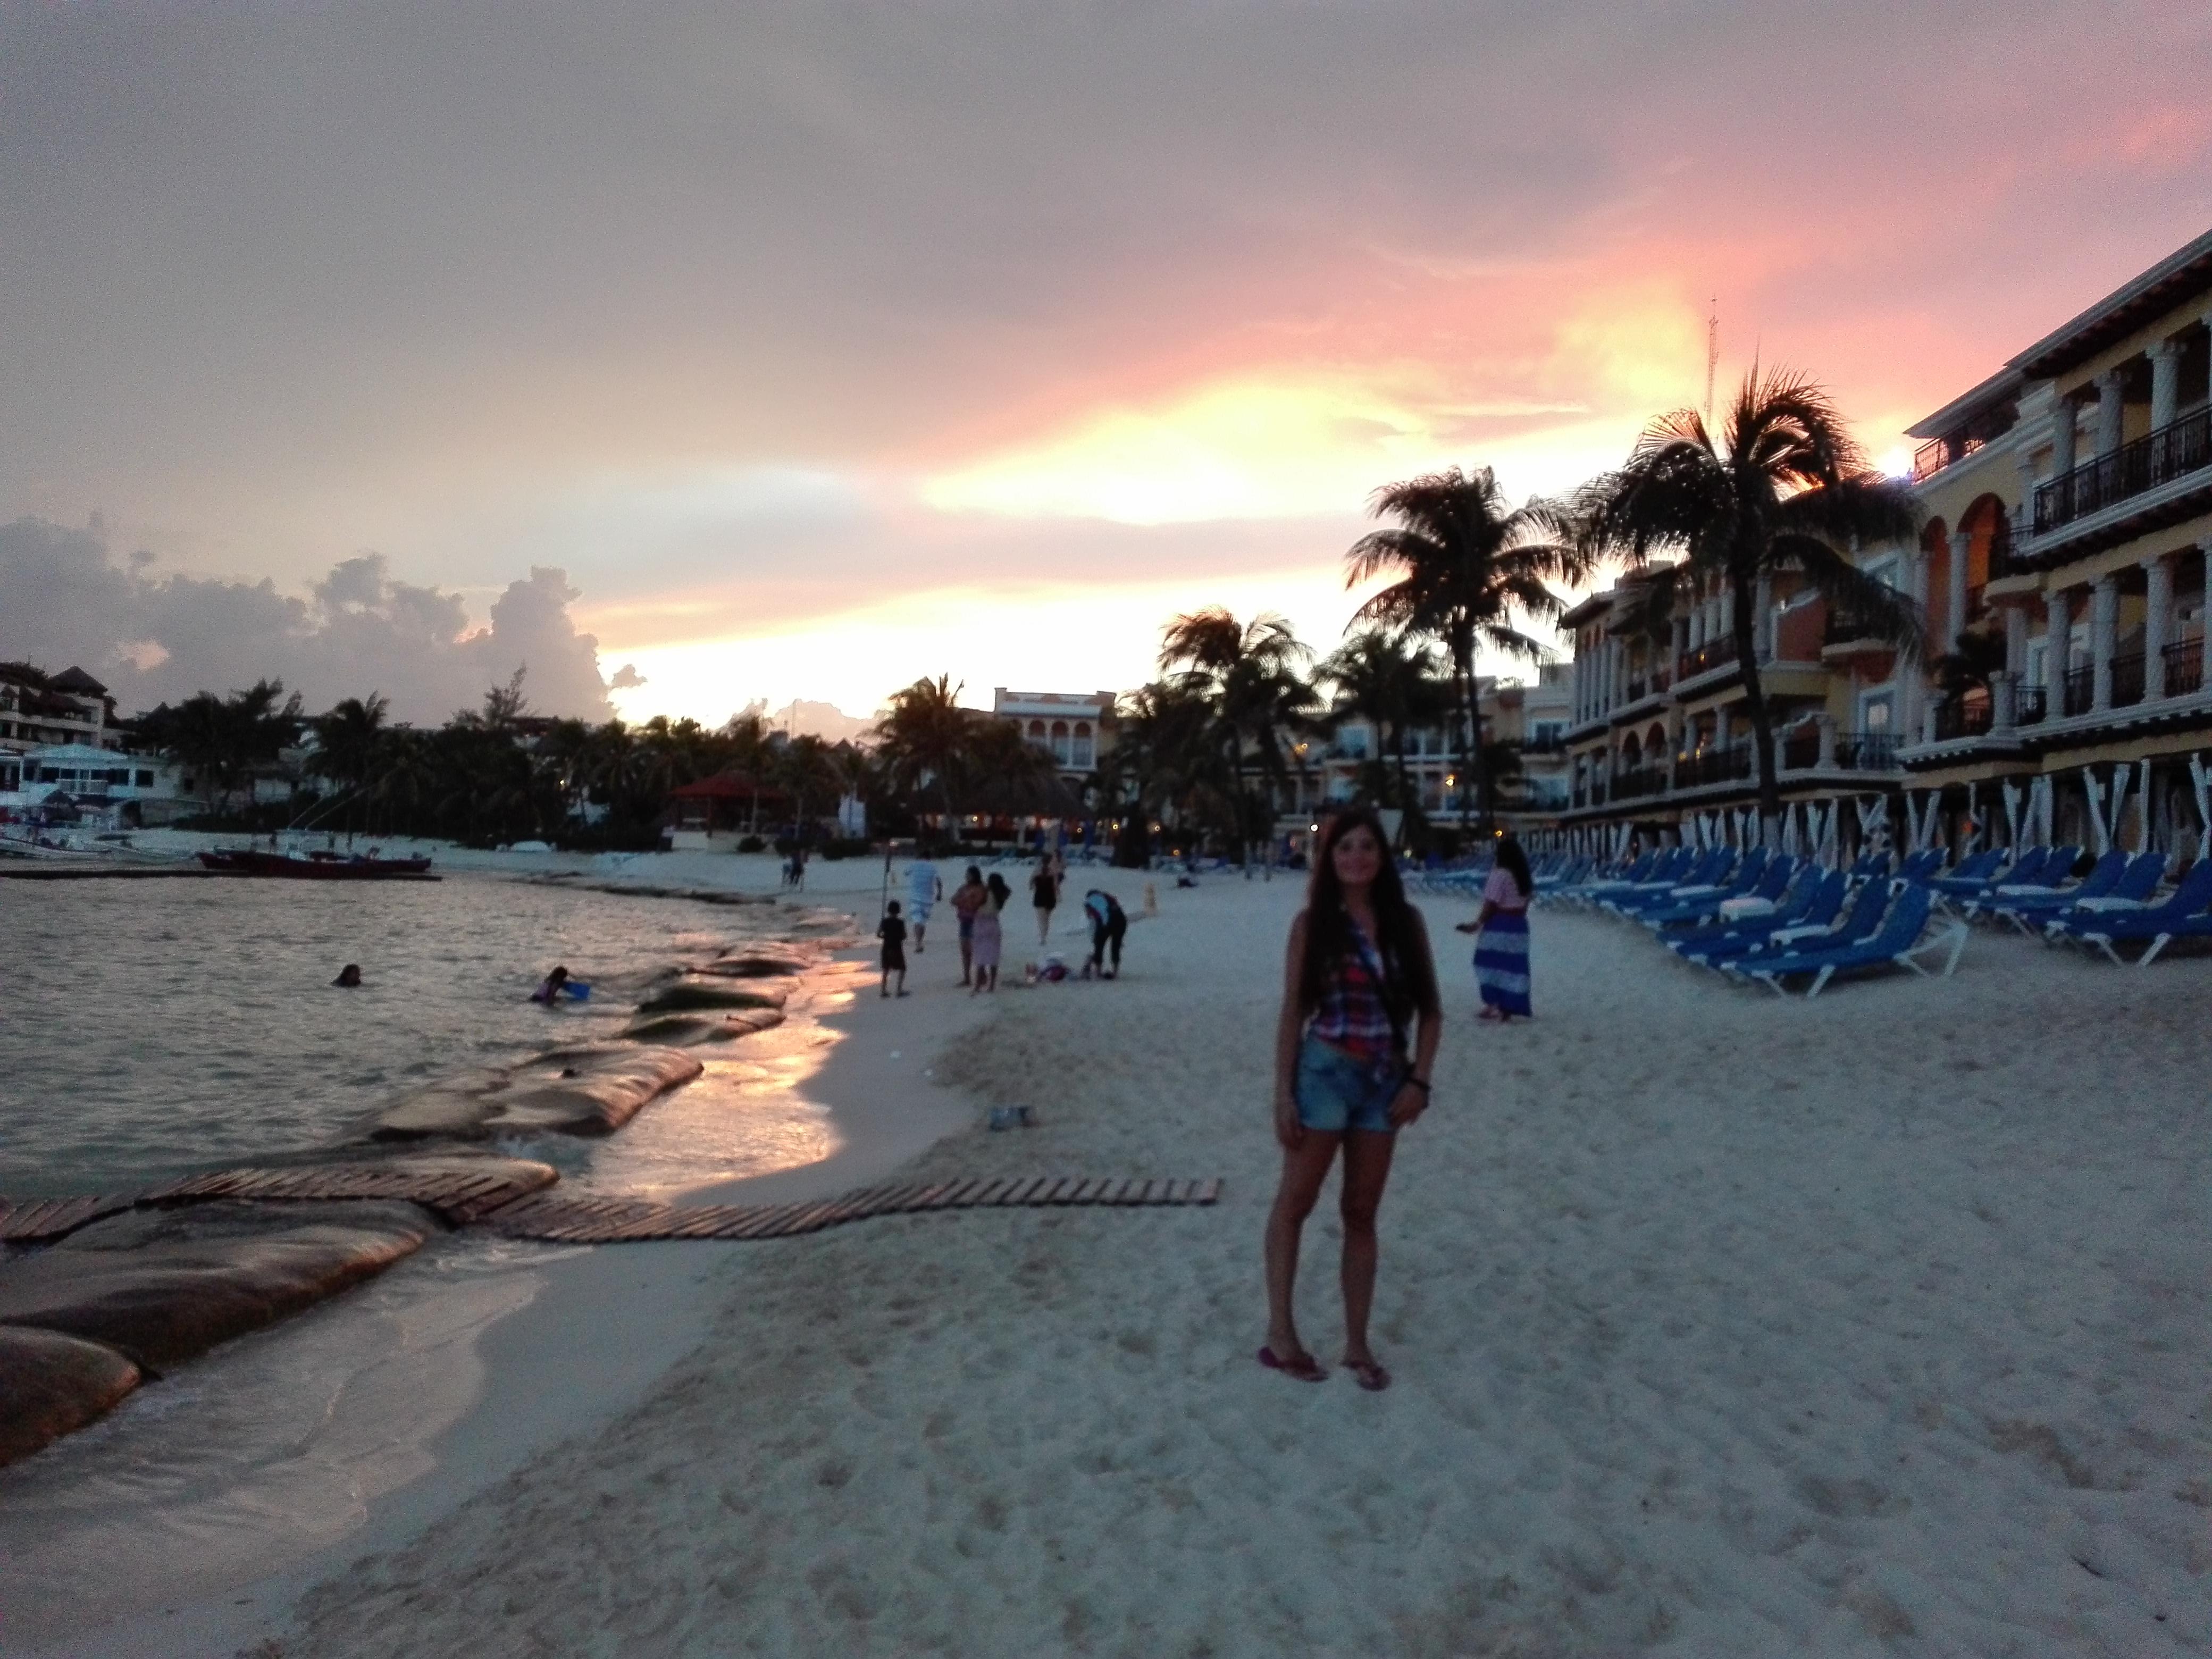 Playa del carmen vacanze